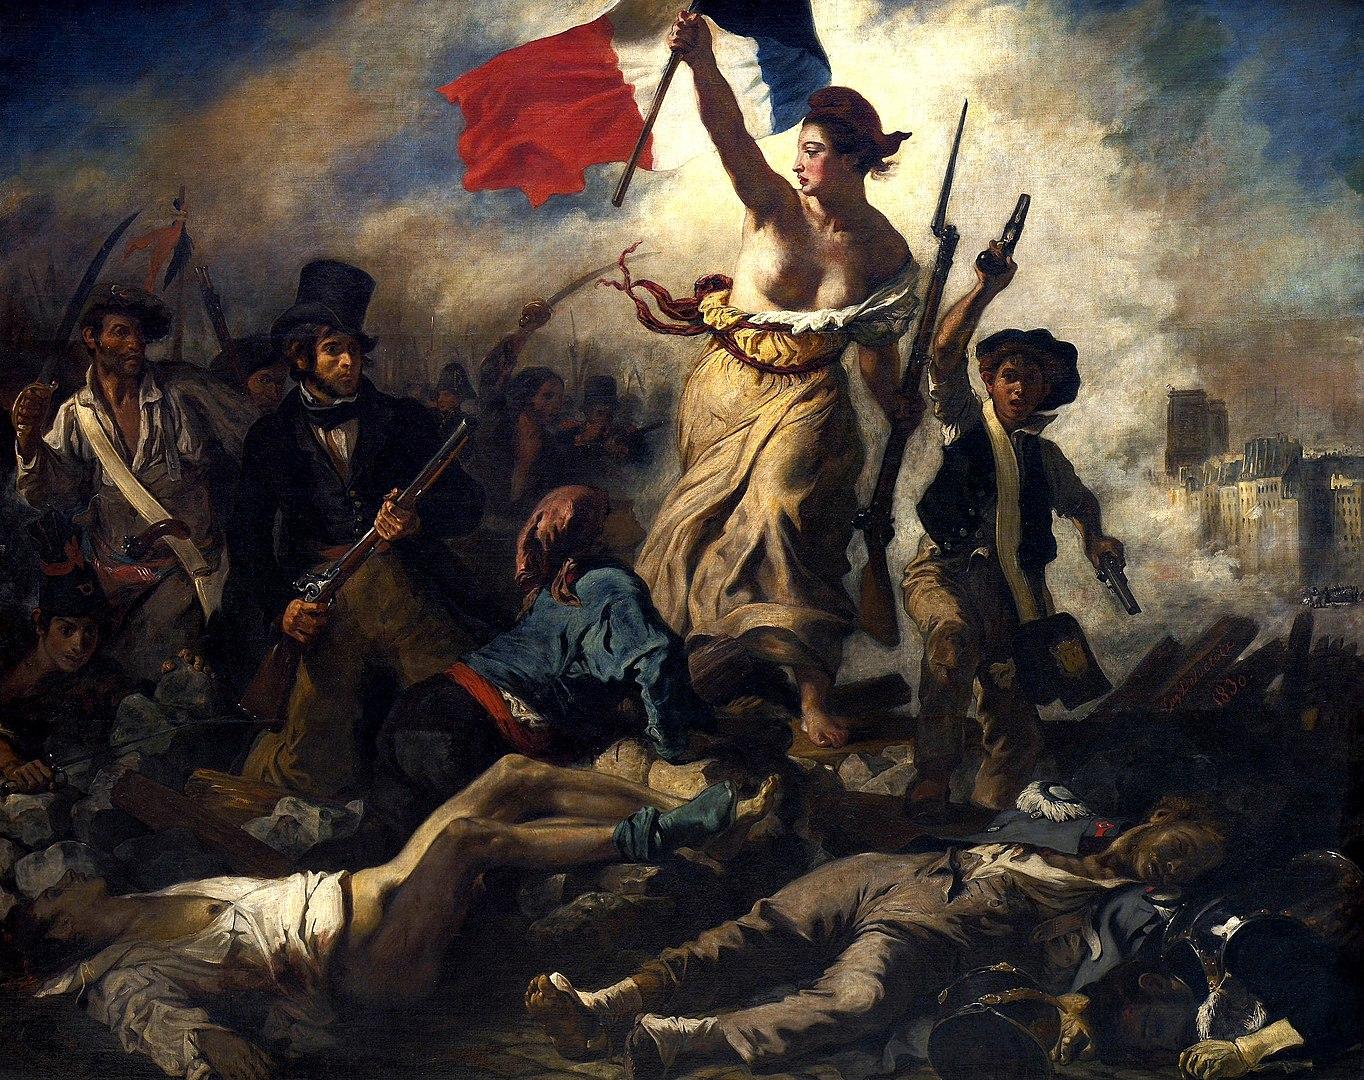 EL MÓN CONTEMPORANI: EL CAMÍ CAP A LA MODERNITAT (1789-1848)